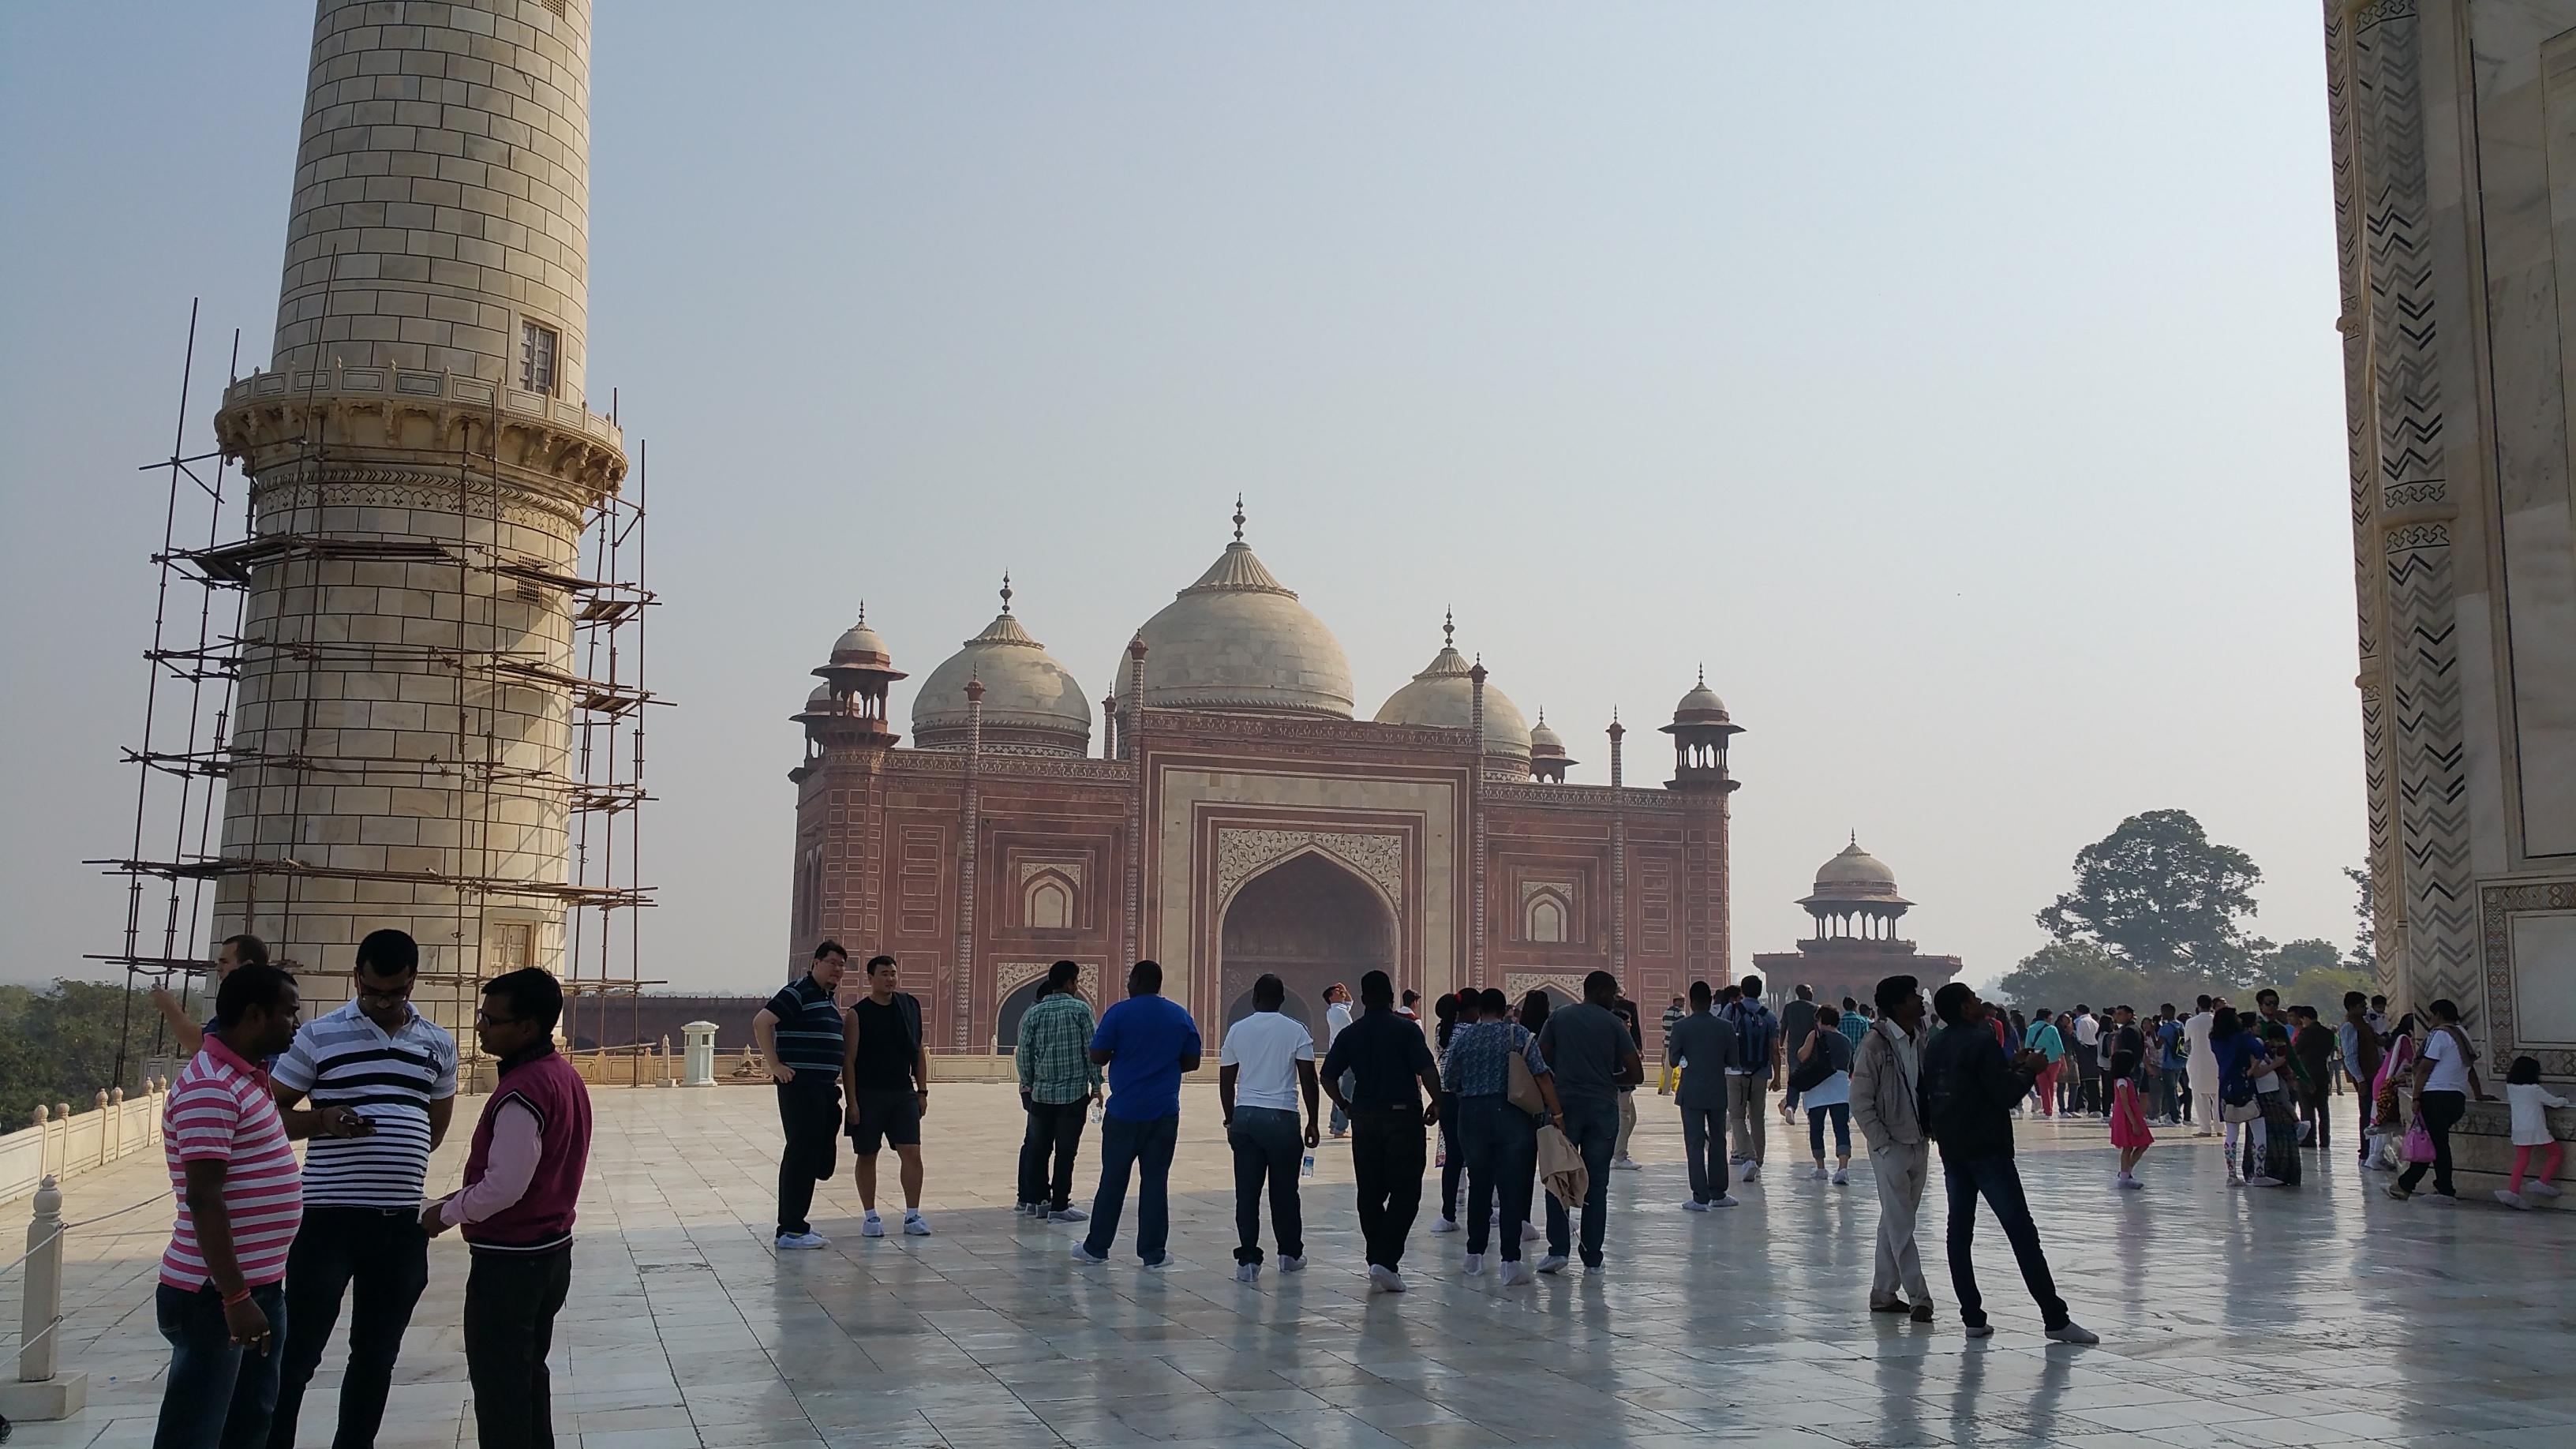 Walking towards the Yamuna River at the Taj Mahal, Agra, India.